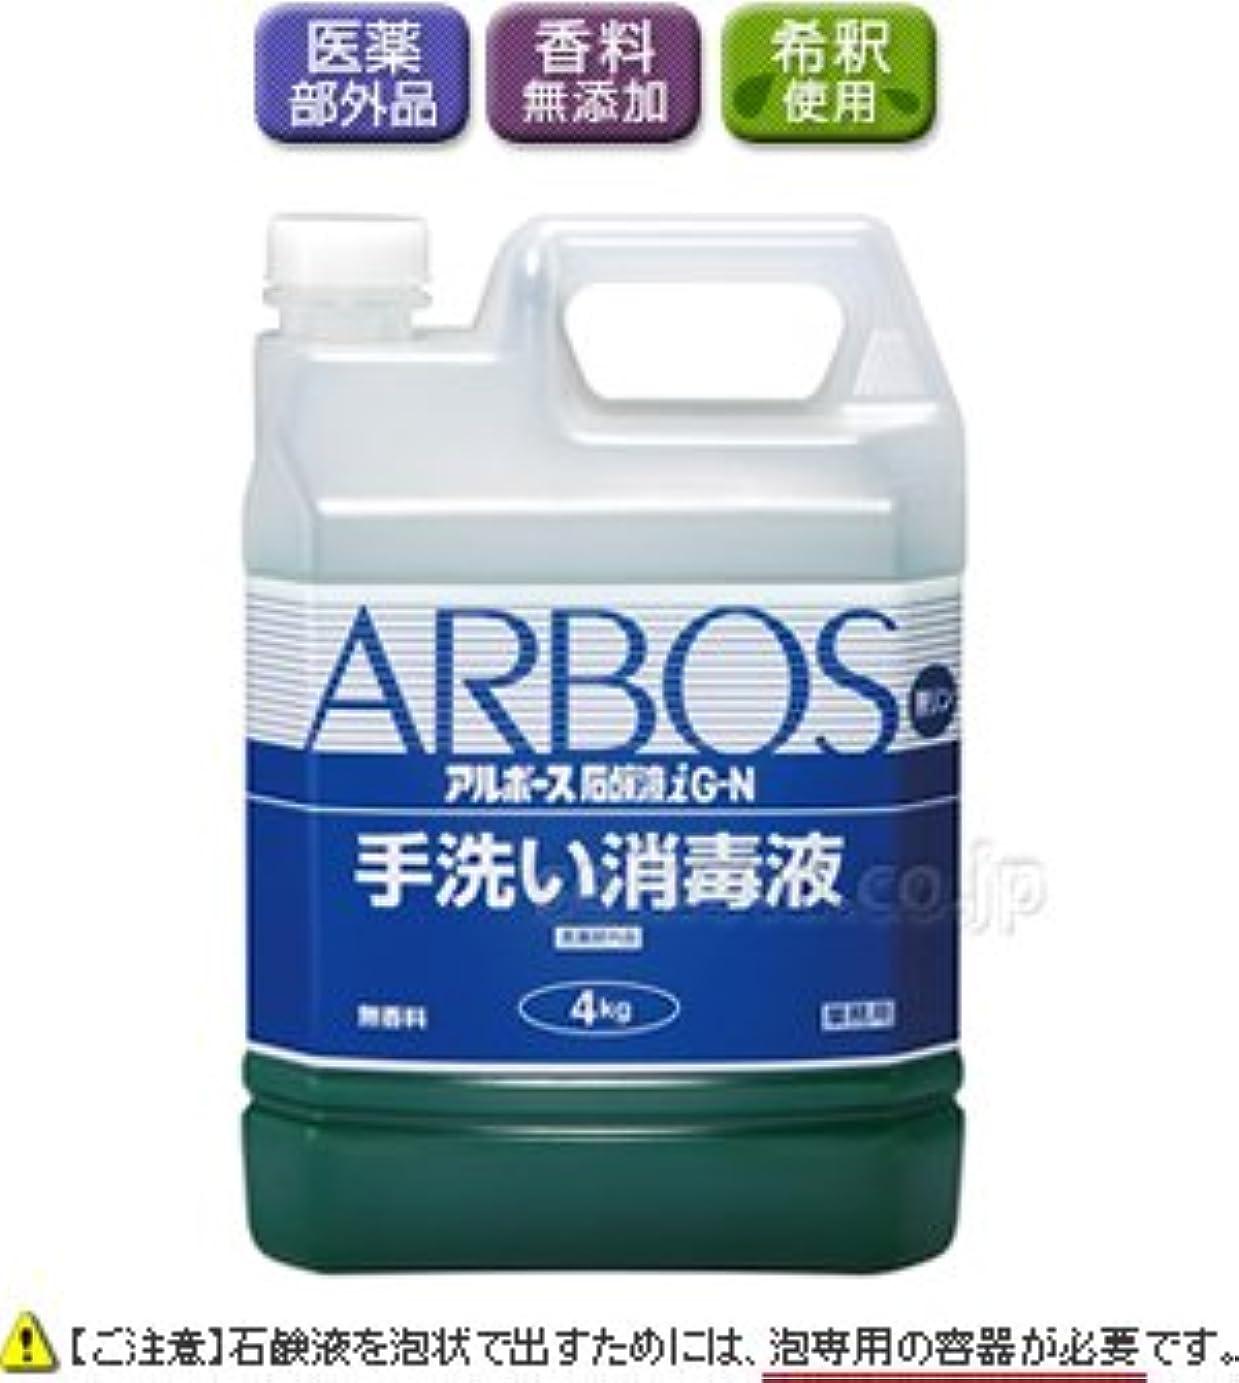 泥おばさん大人【清潔キレイ館】アルボース石鹸液iG-N(4kg×1本)